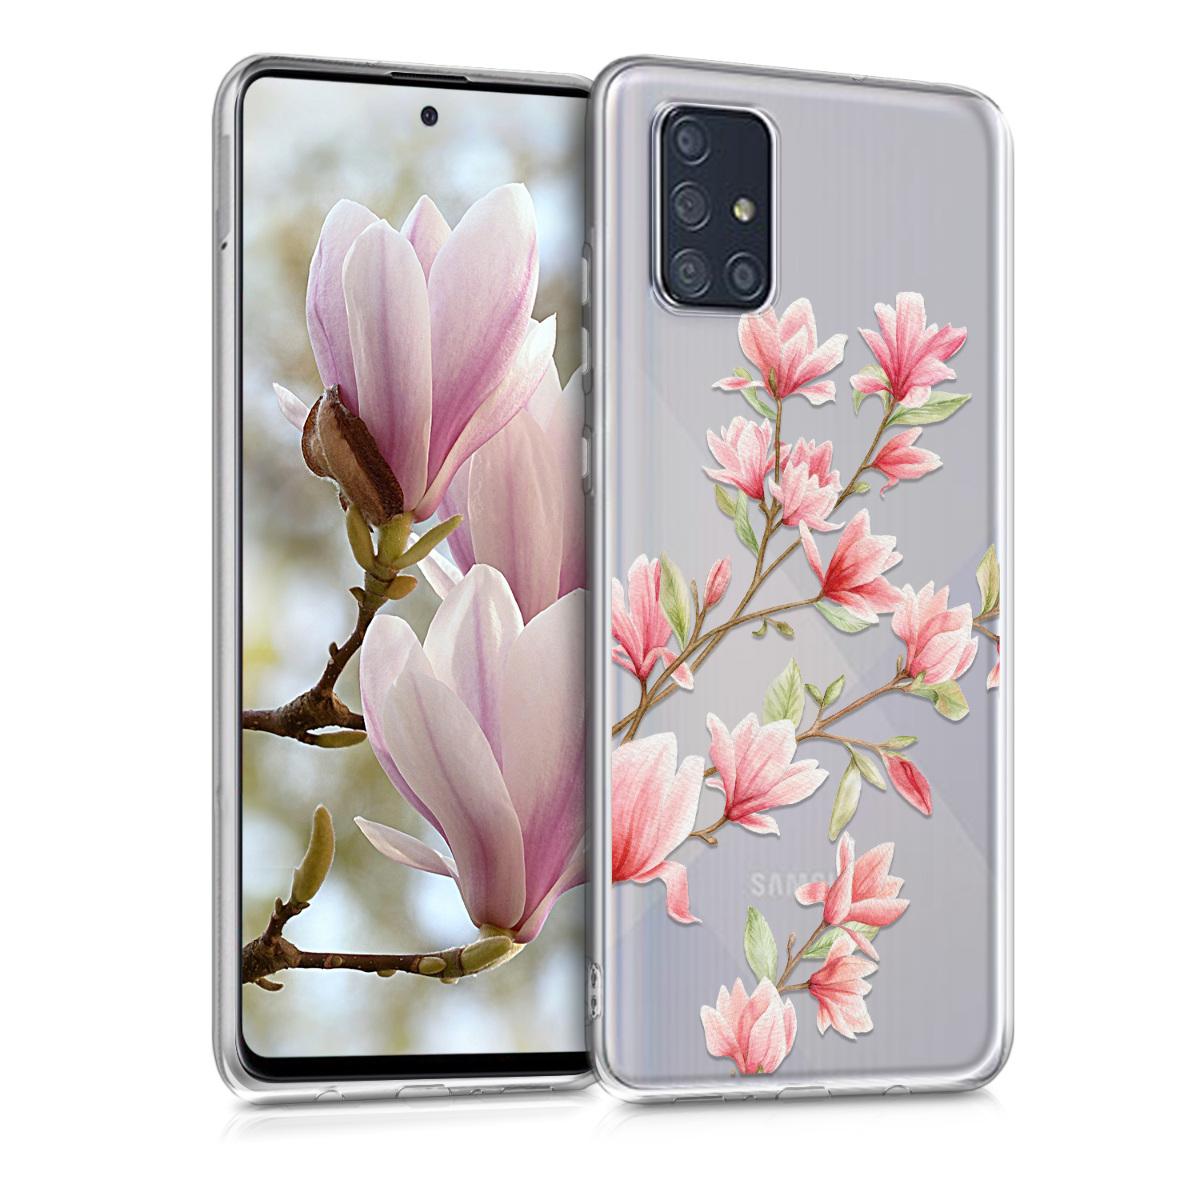 Kvalitní silikonové TPU pouzdro pro Samsung A71 - Magnolie růžové / bílé / transparentní